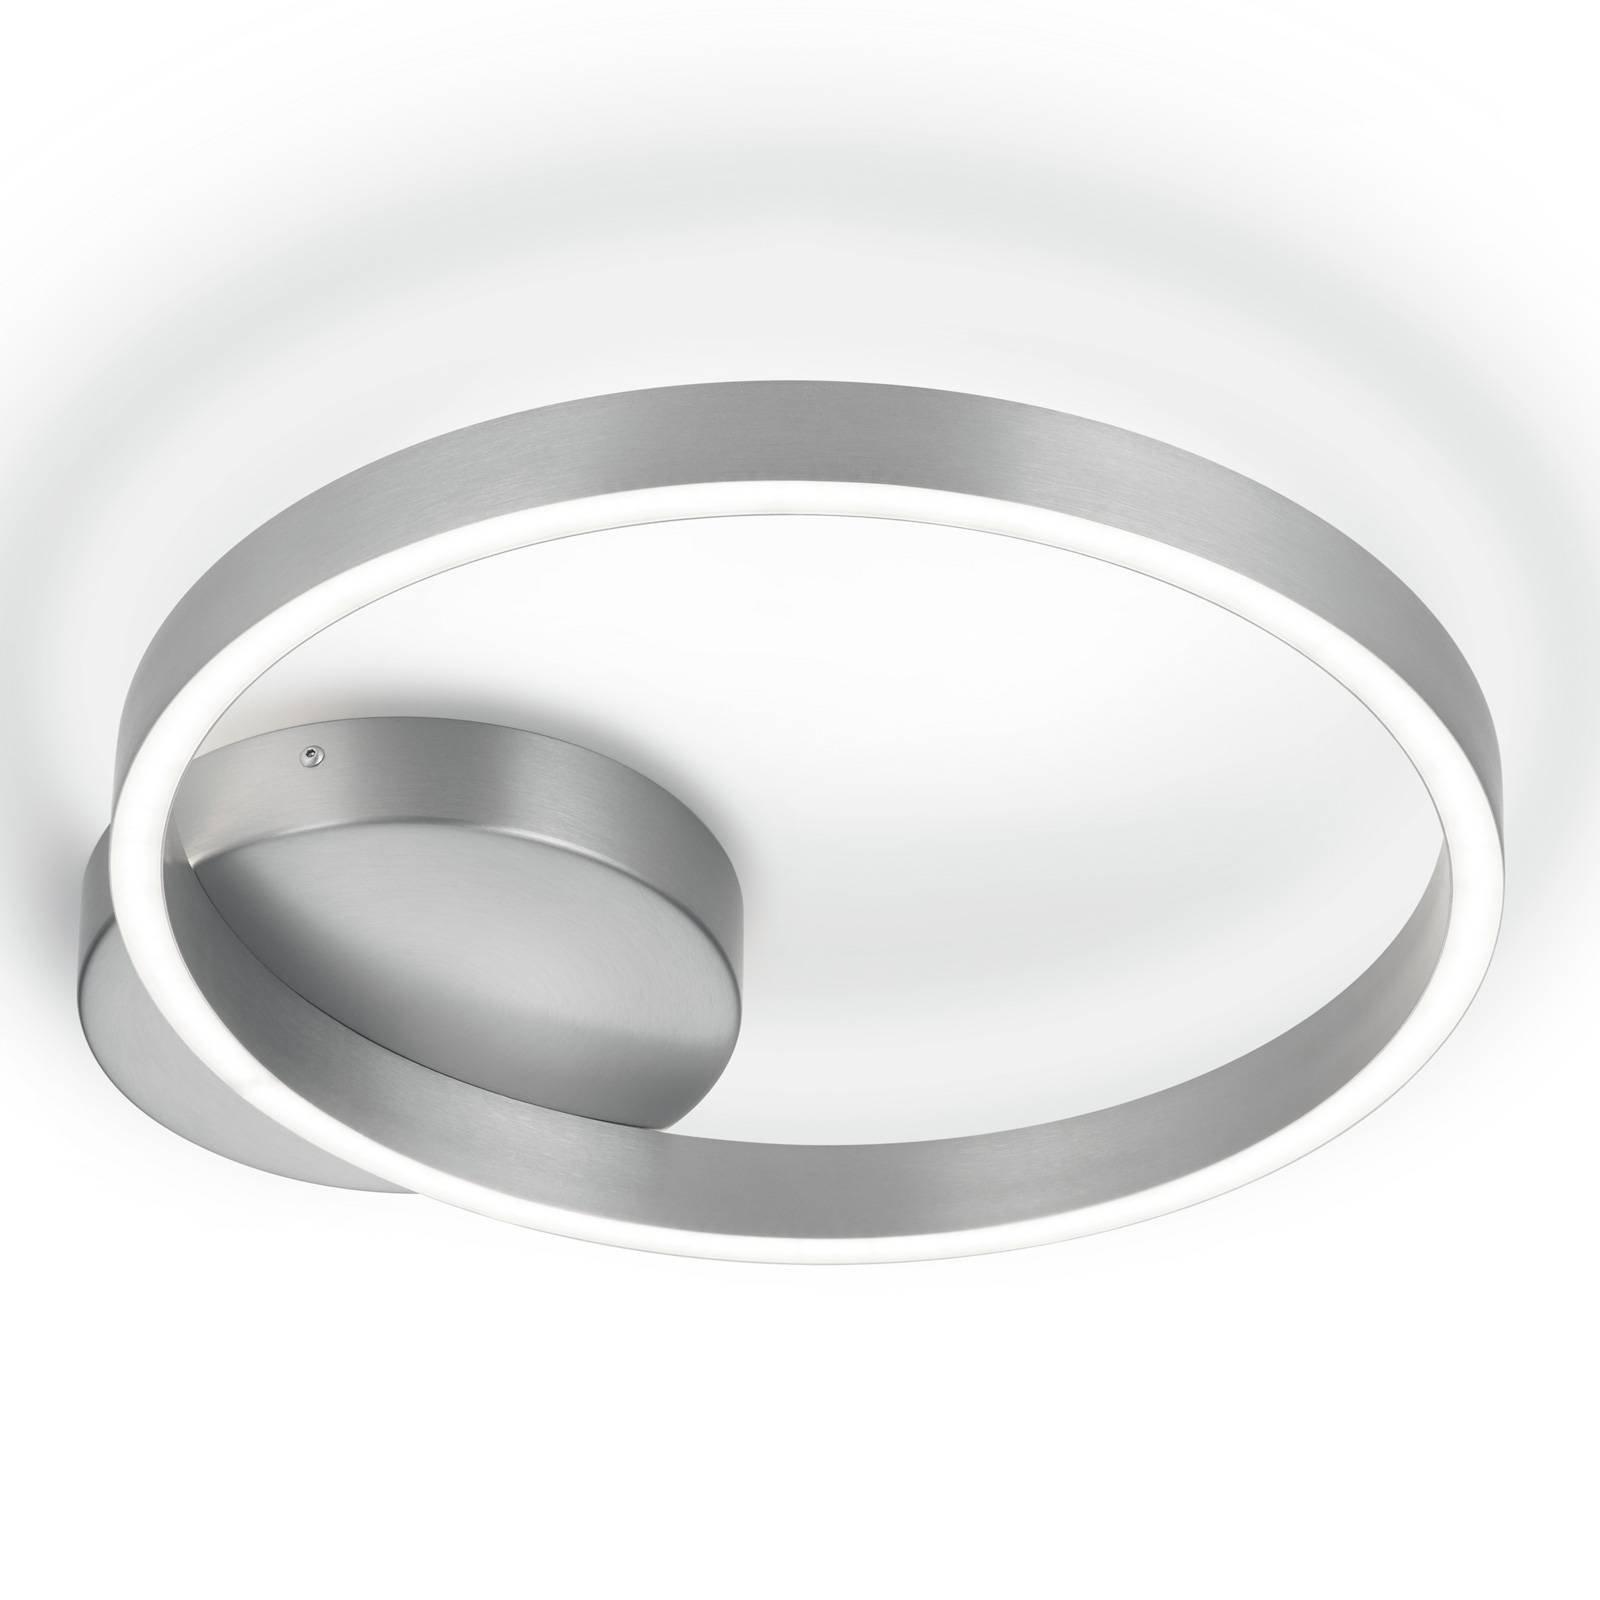 LED-taklampe Anel-40, direkte/indirekte